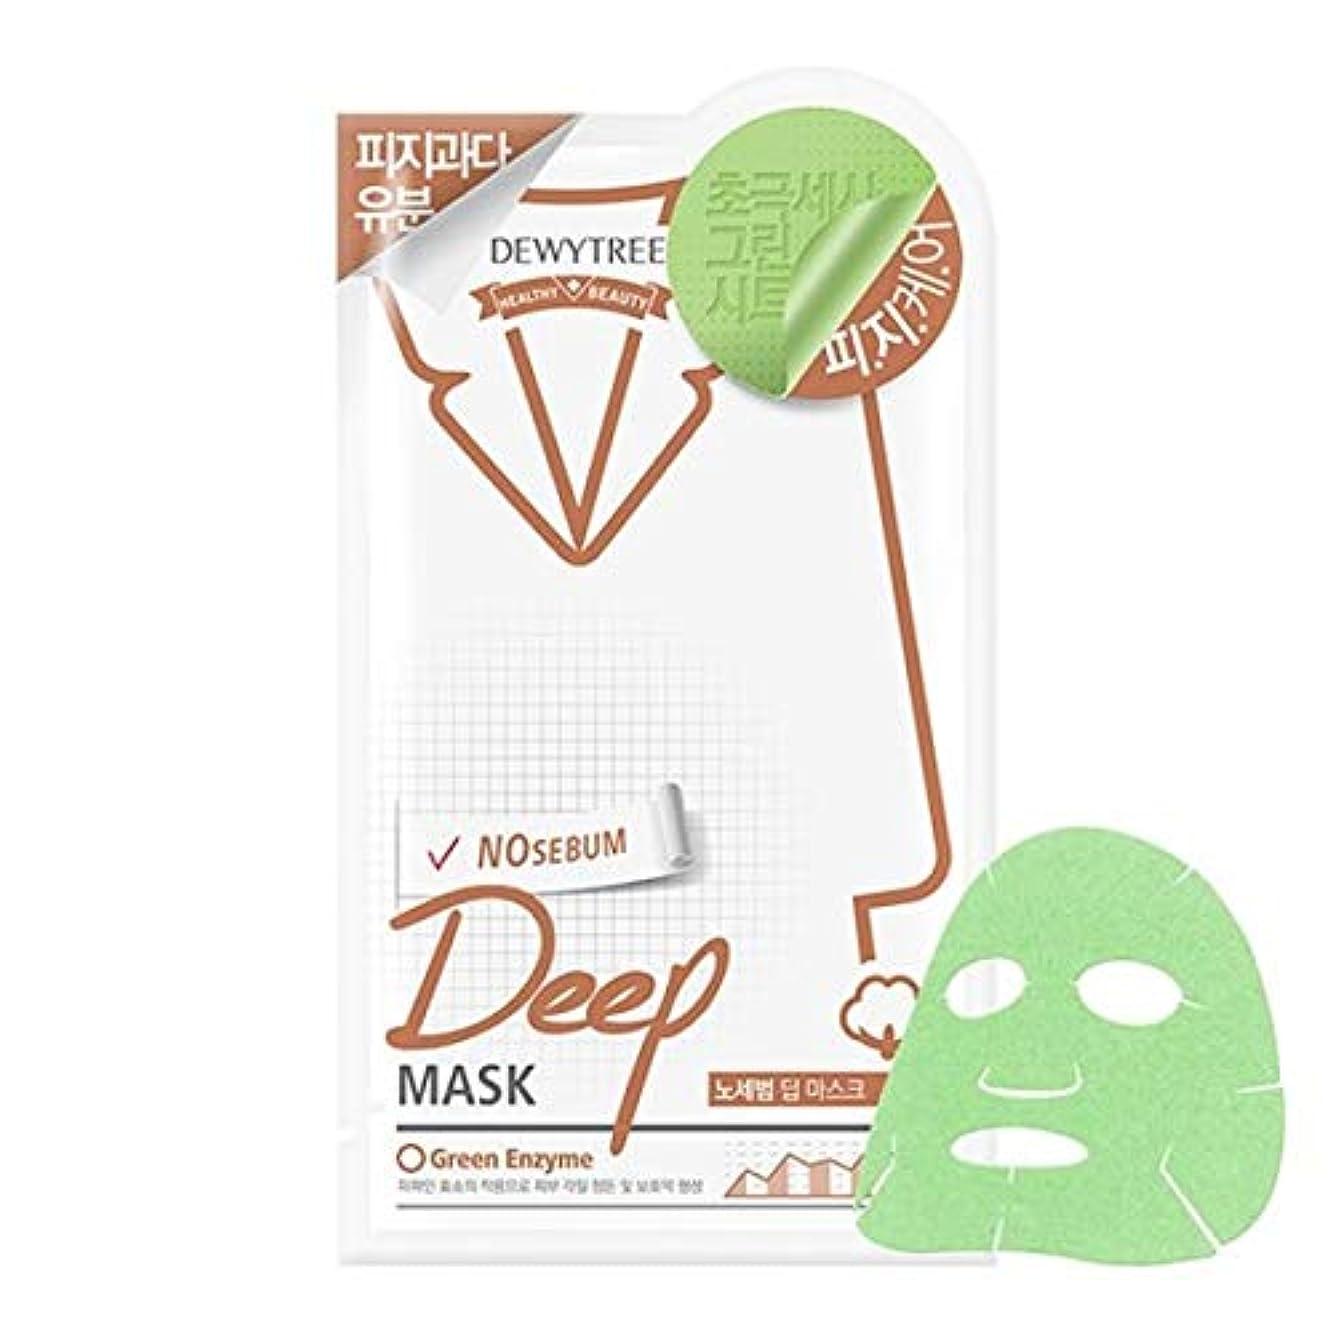 歩行者書道ペニー(デューイトゥリー) DEWYTREE ノセボムディープマスク 20枚 Nosebum Deep Mask 韓国マスクパック (並行輸入品)